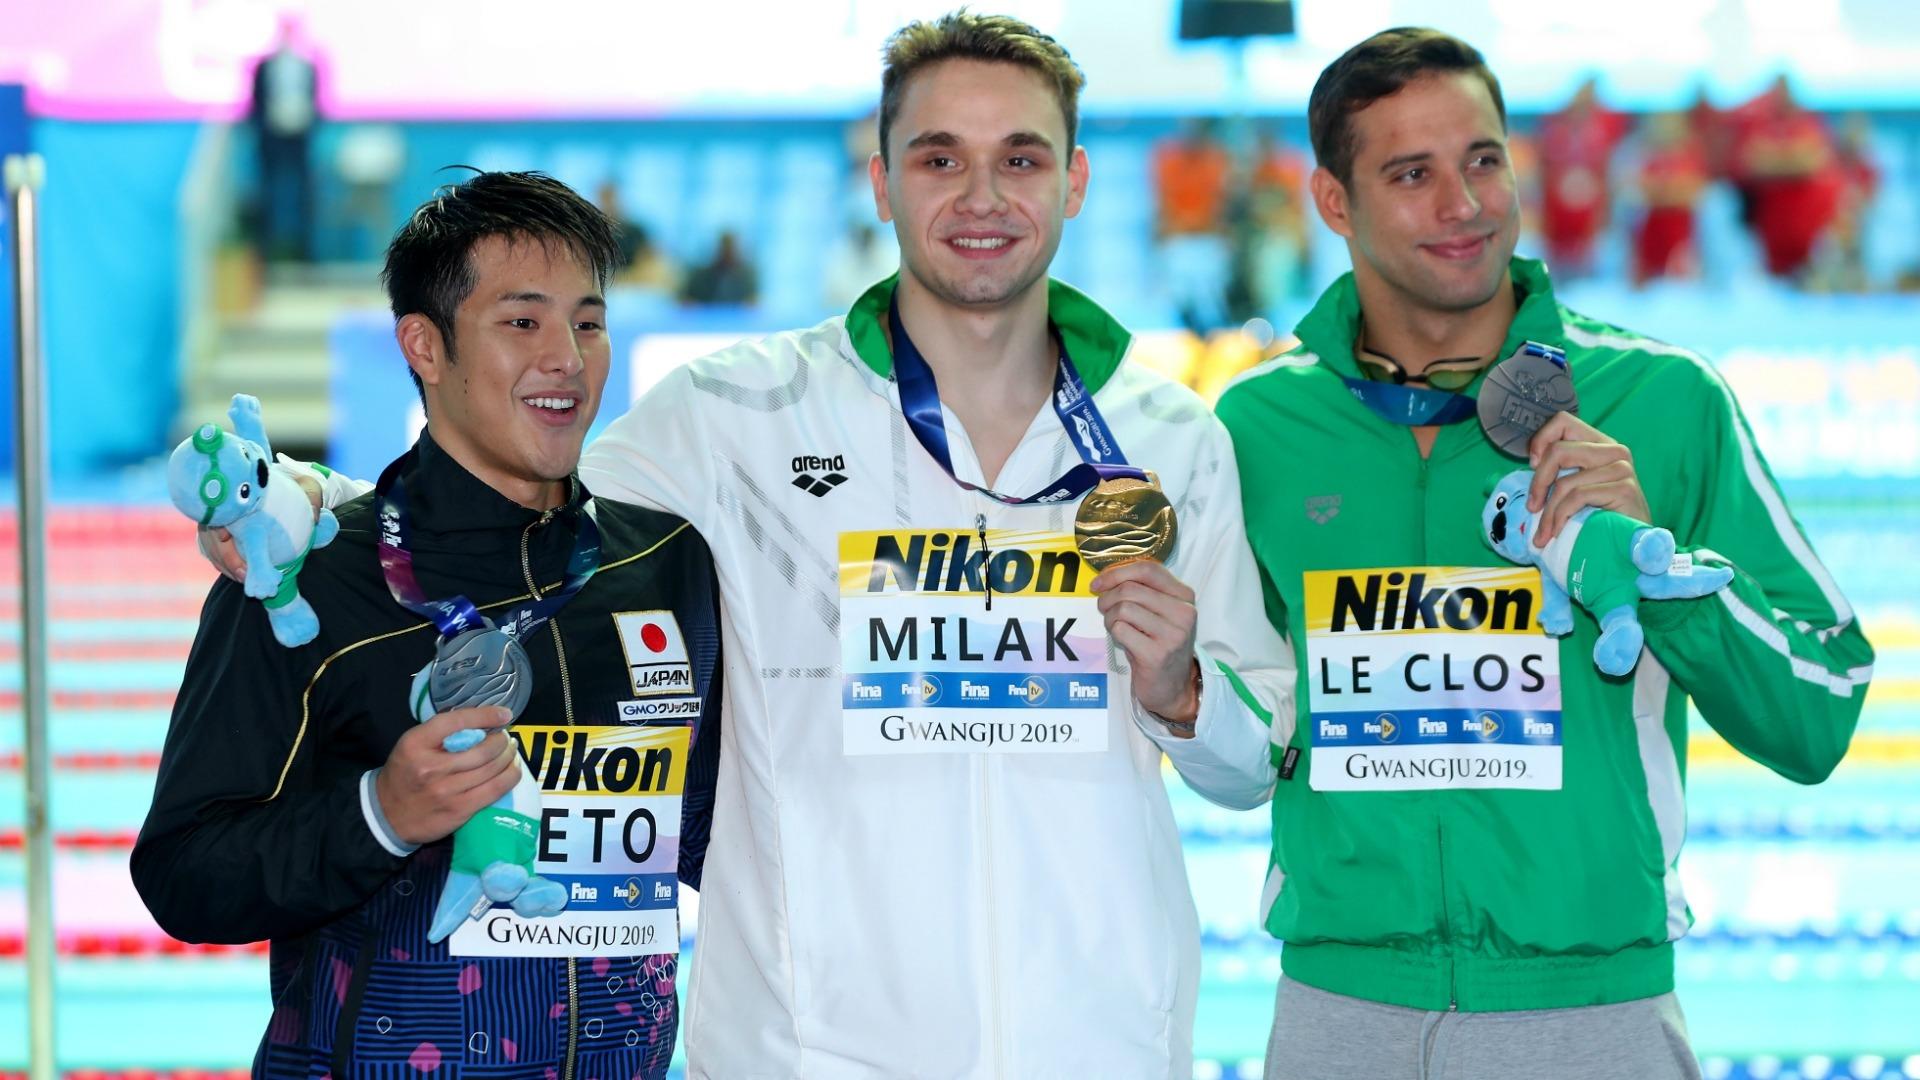 Veja os recordes quebrados na natação em Gwangju